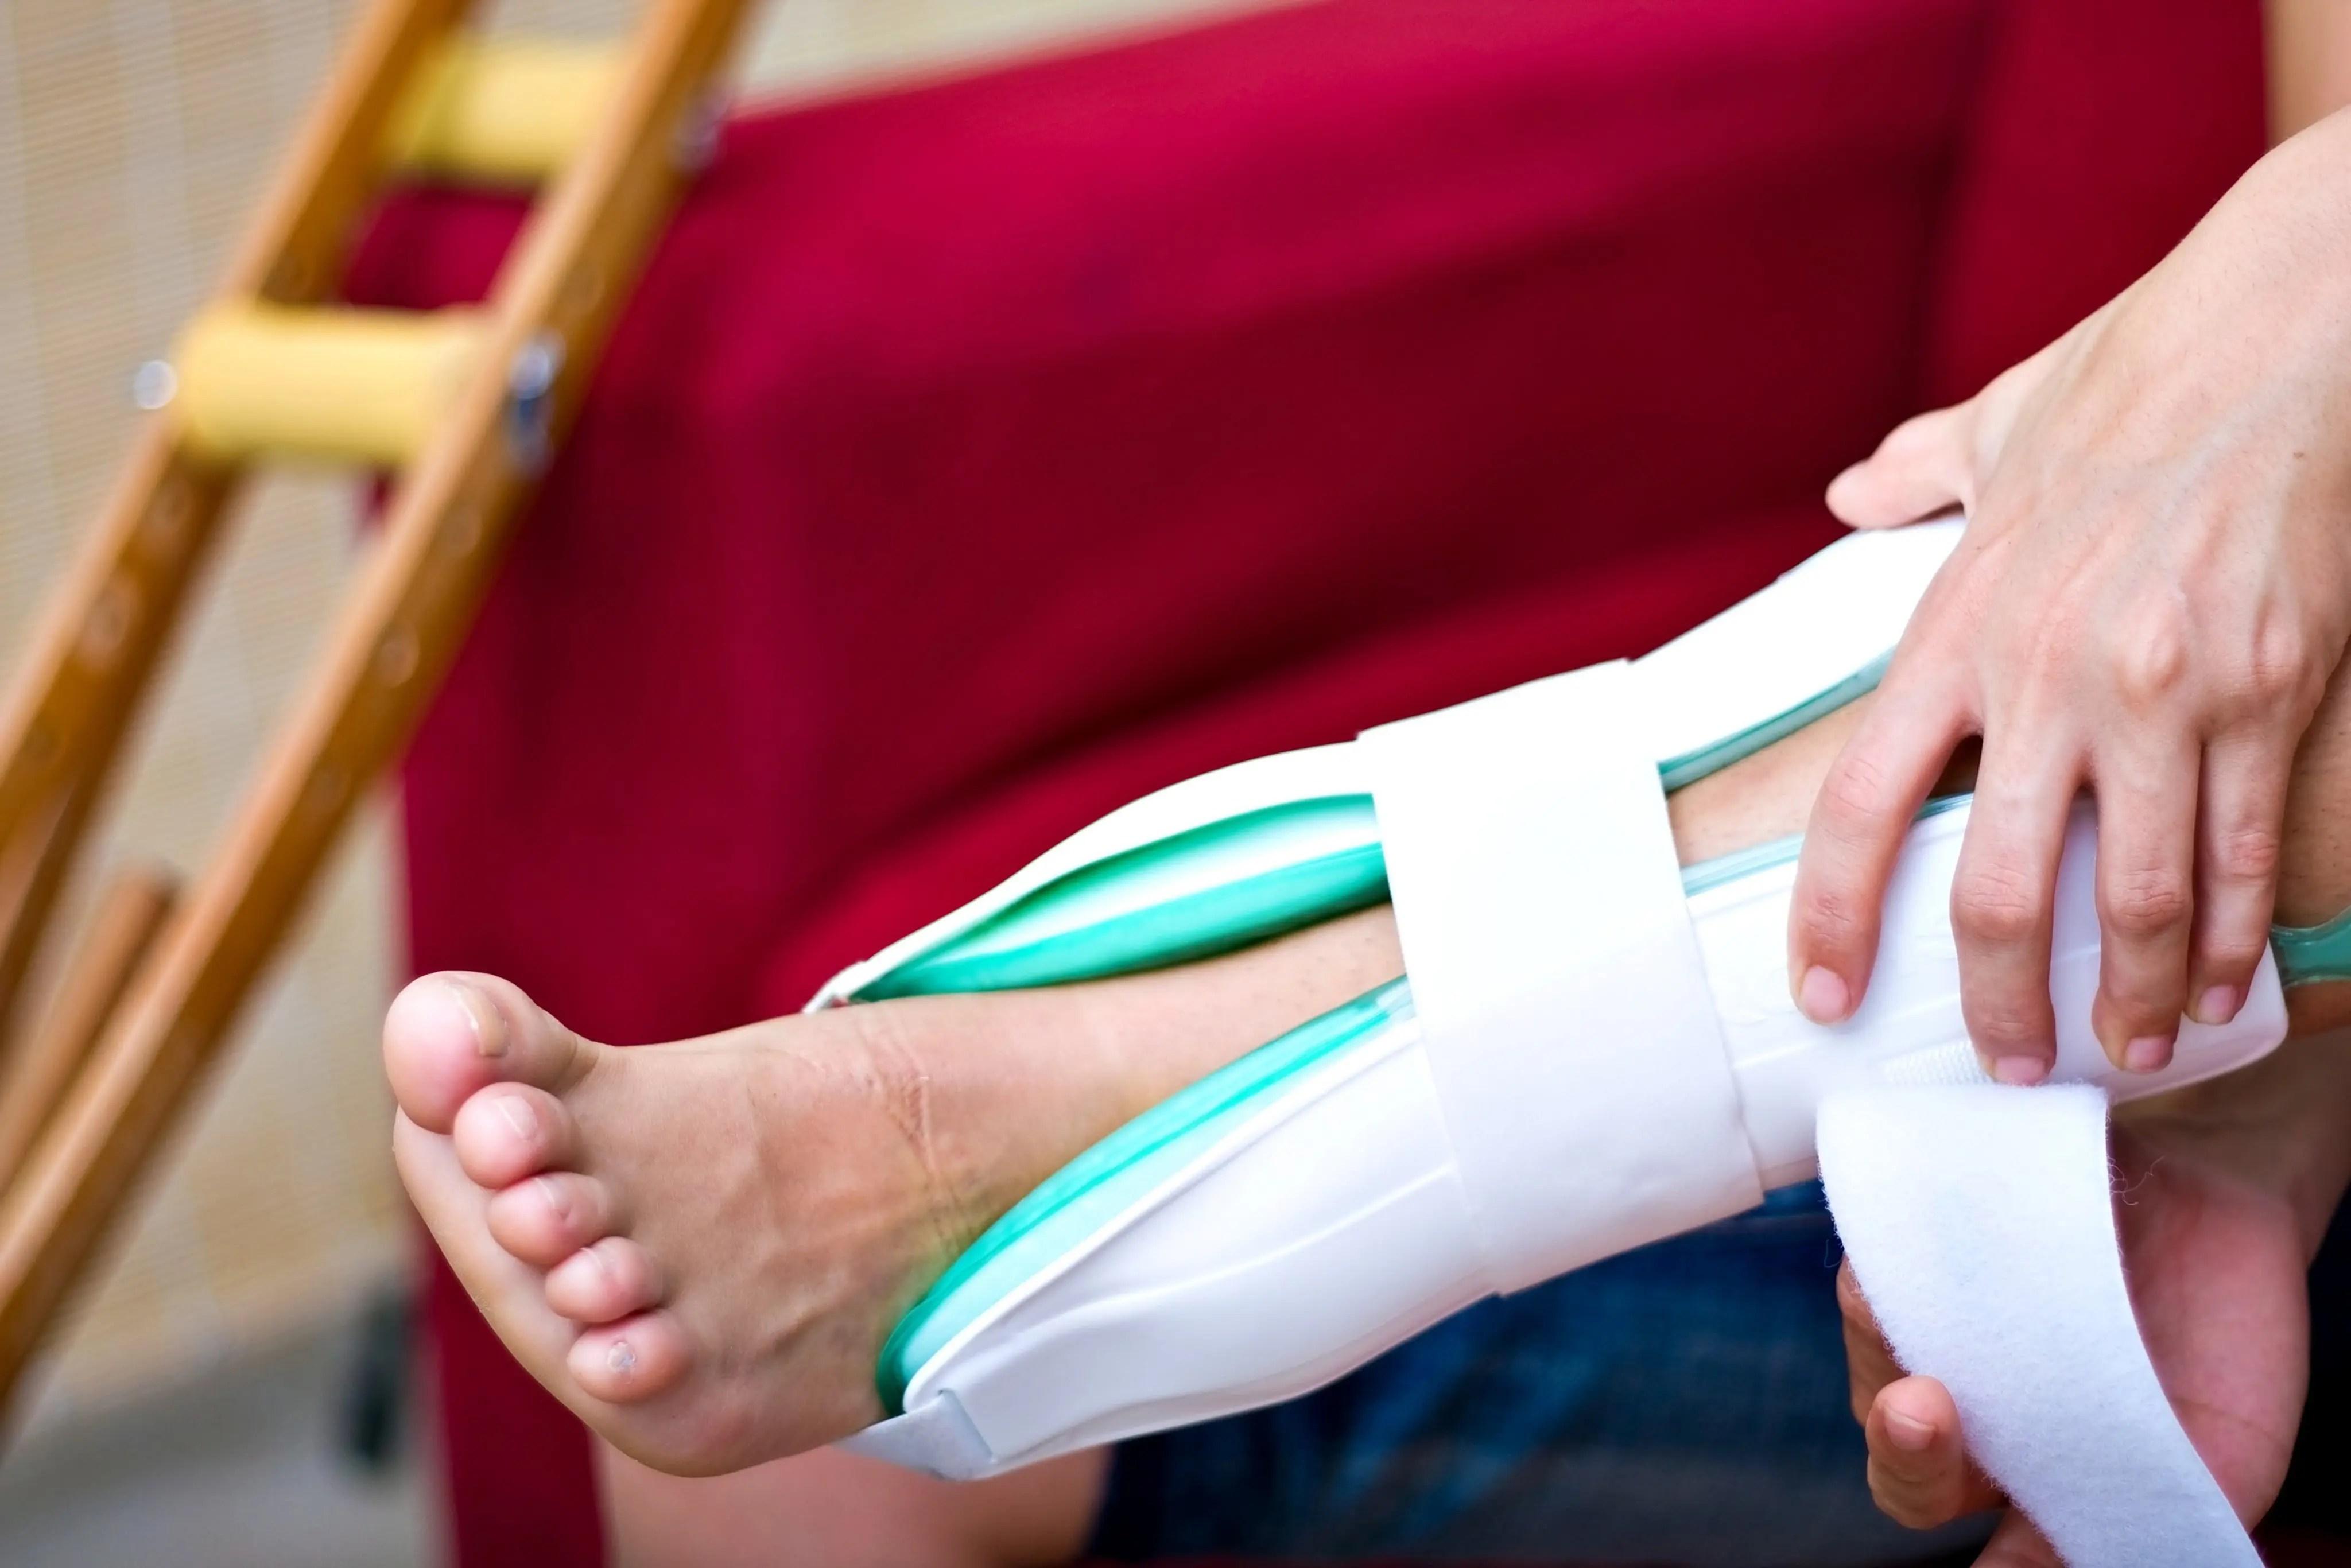 hogyan lehet kezelni a planáris artritist)